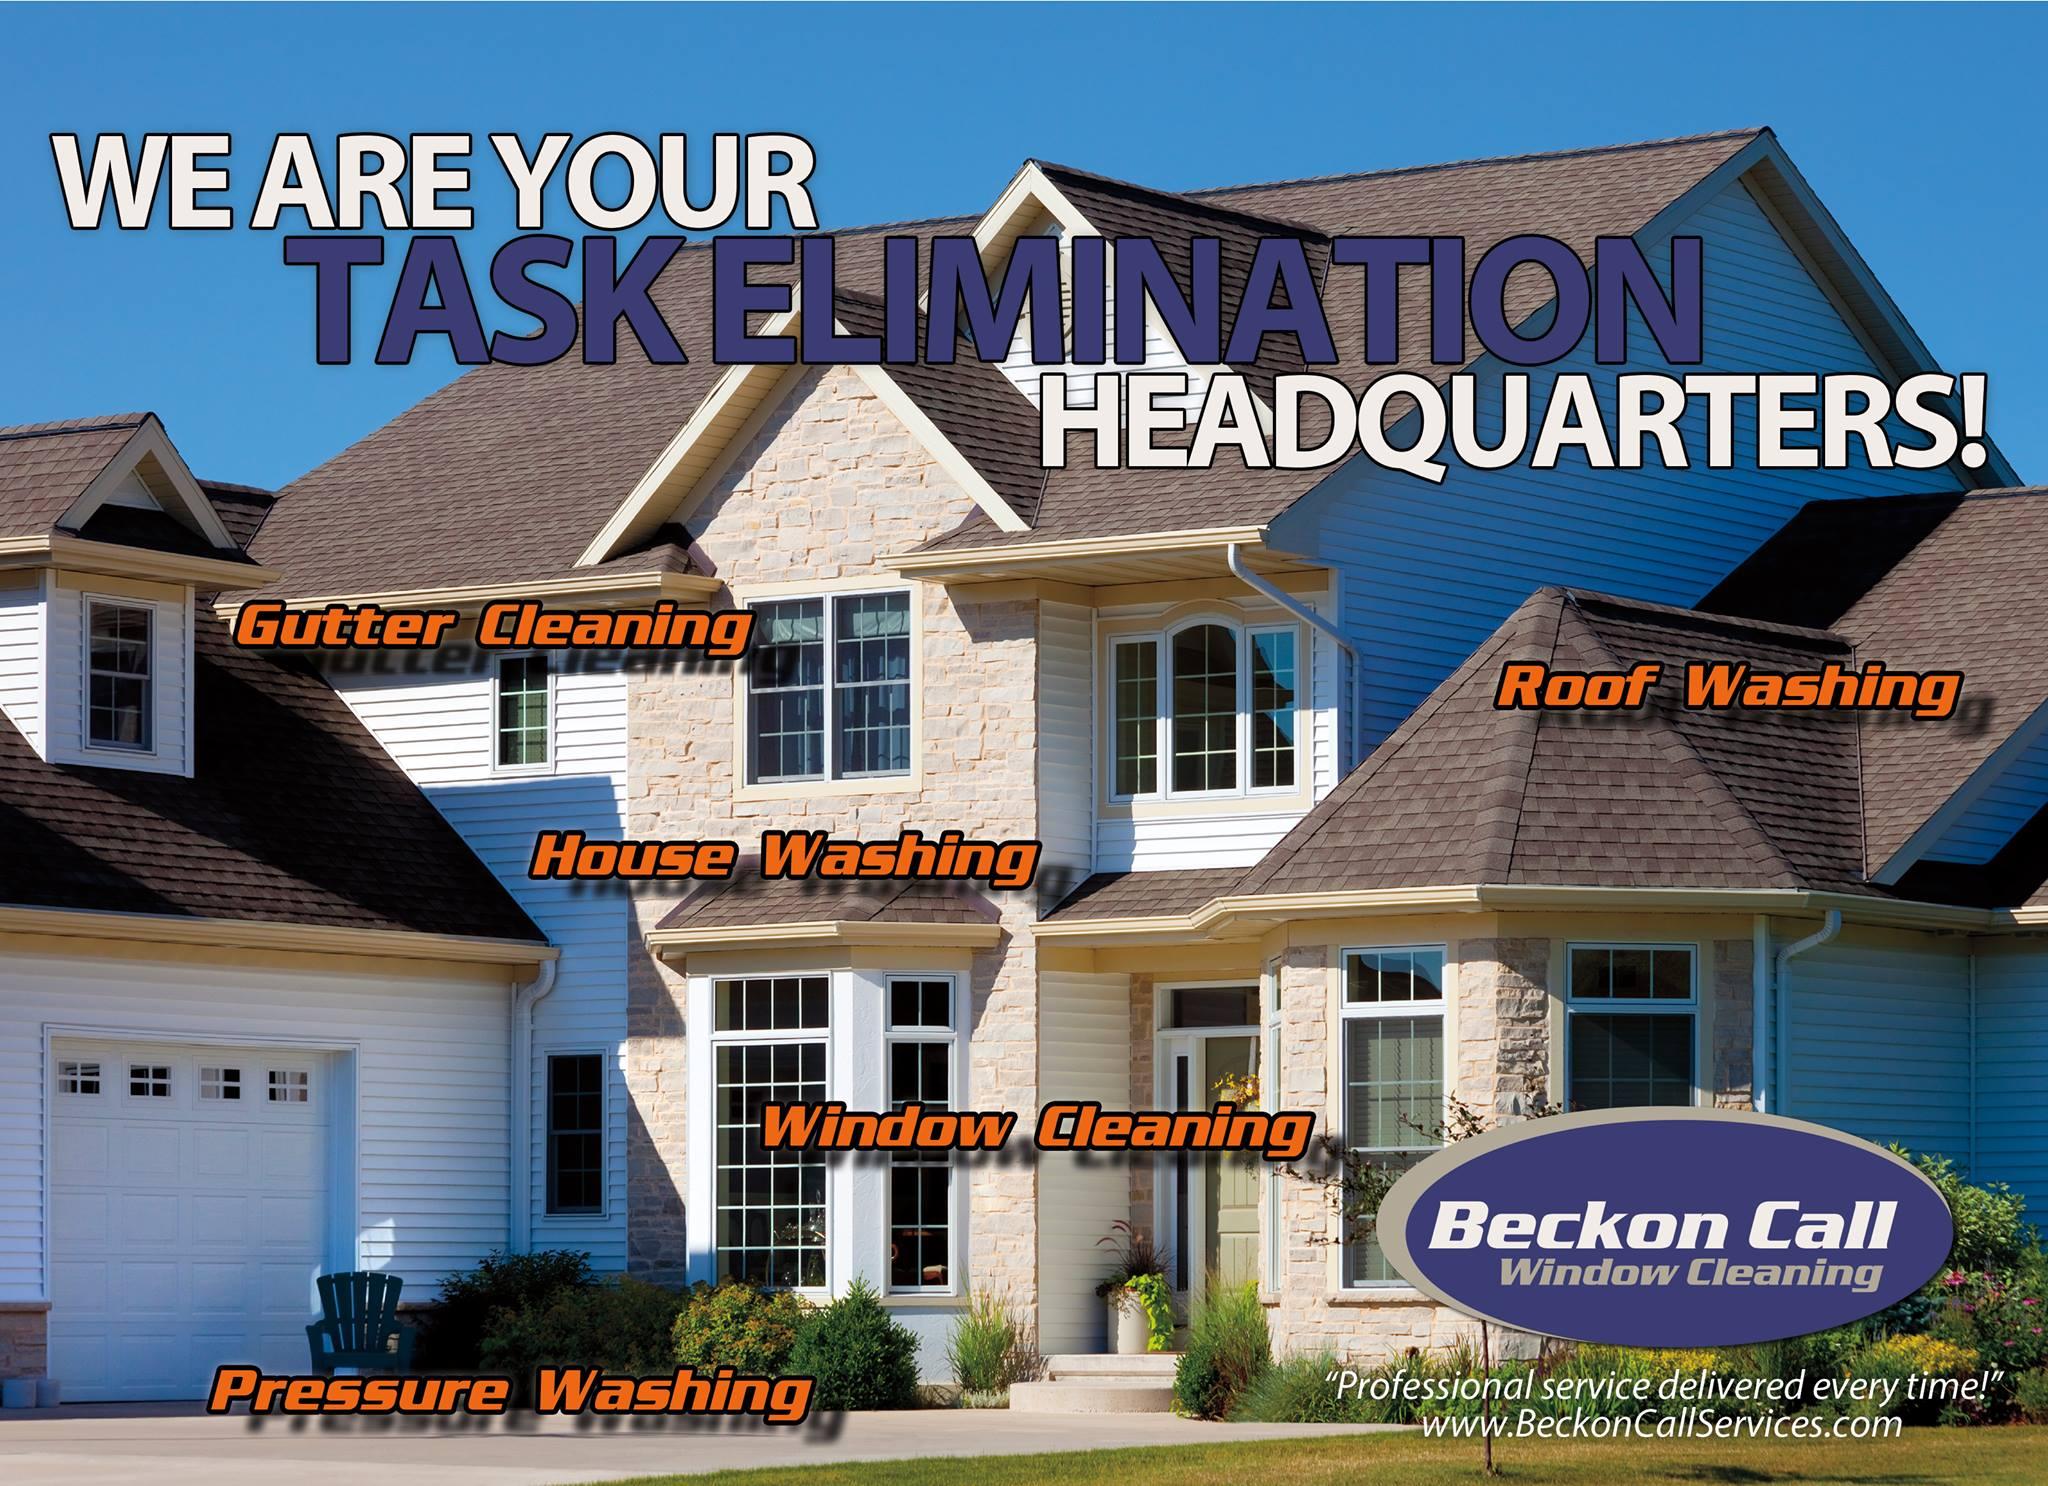 Beckon Call